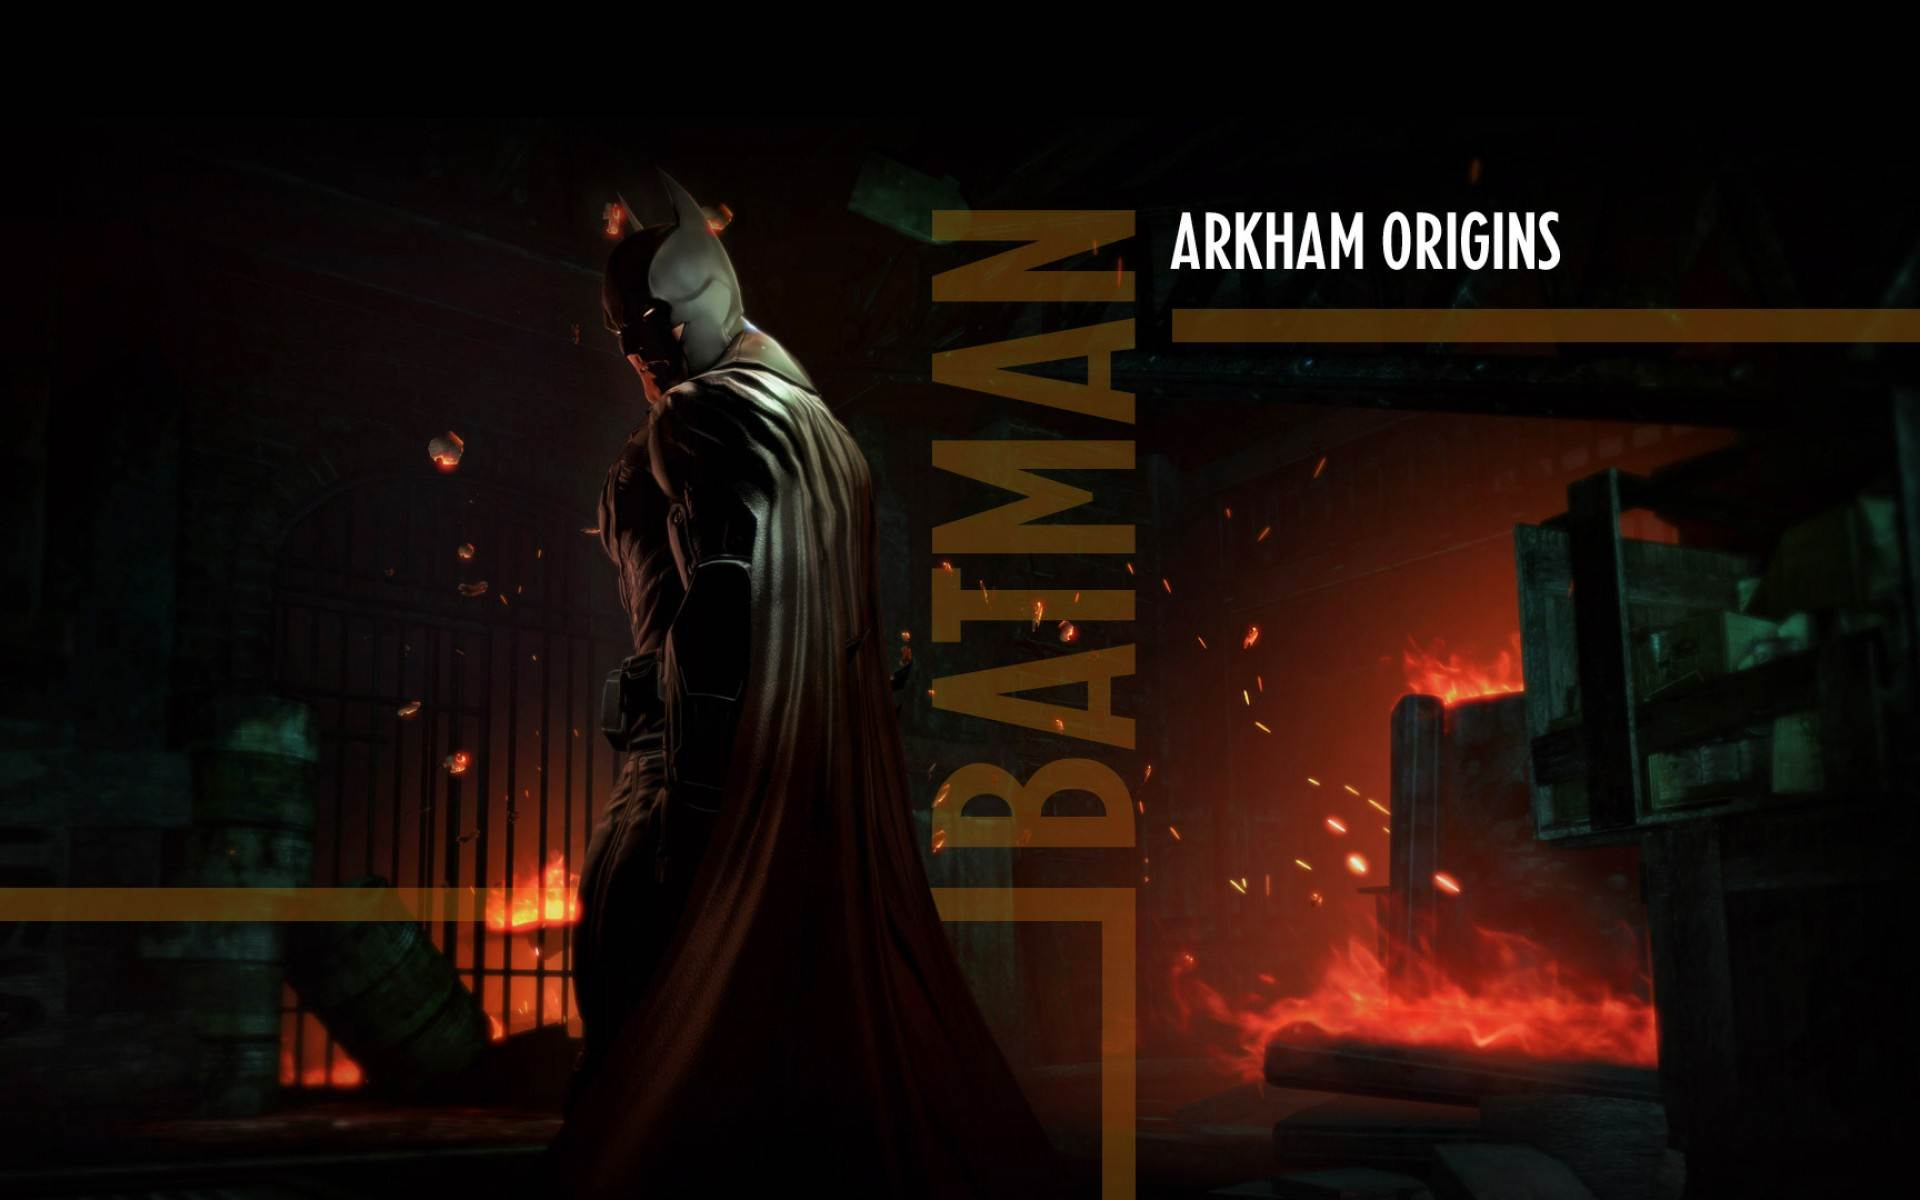 Batman Arkham Origins Wallpaper: Batman Arkham Origins Wallpaper « GamingBolt.com: Video